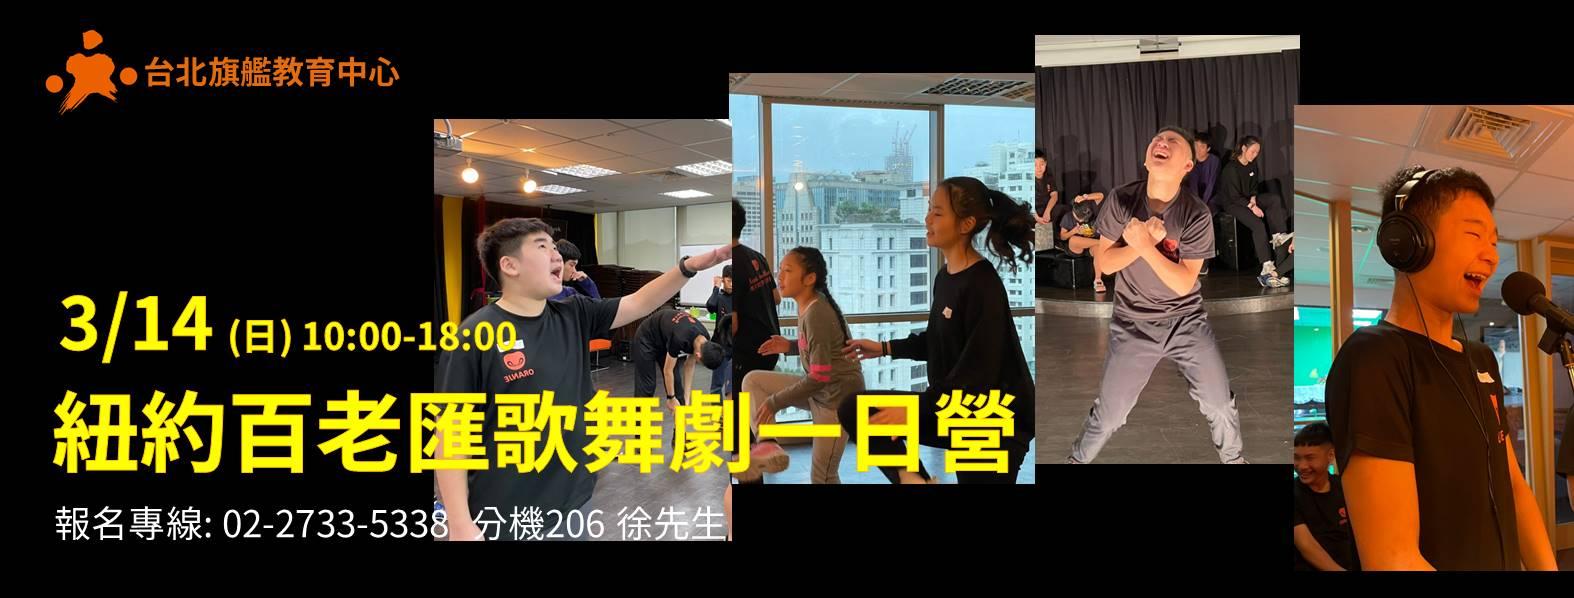 3/14 青少年紐約百老匯歌舞劇一日營【台北班】,圓滿結業!